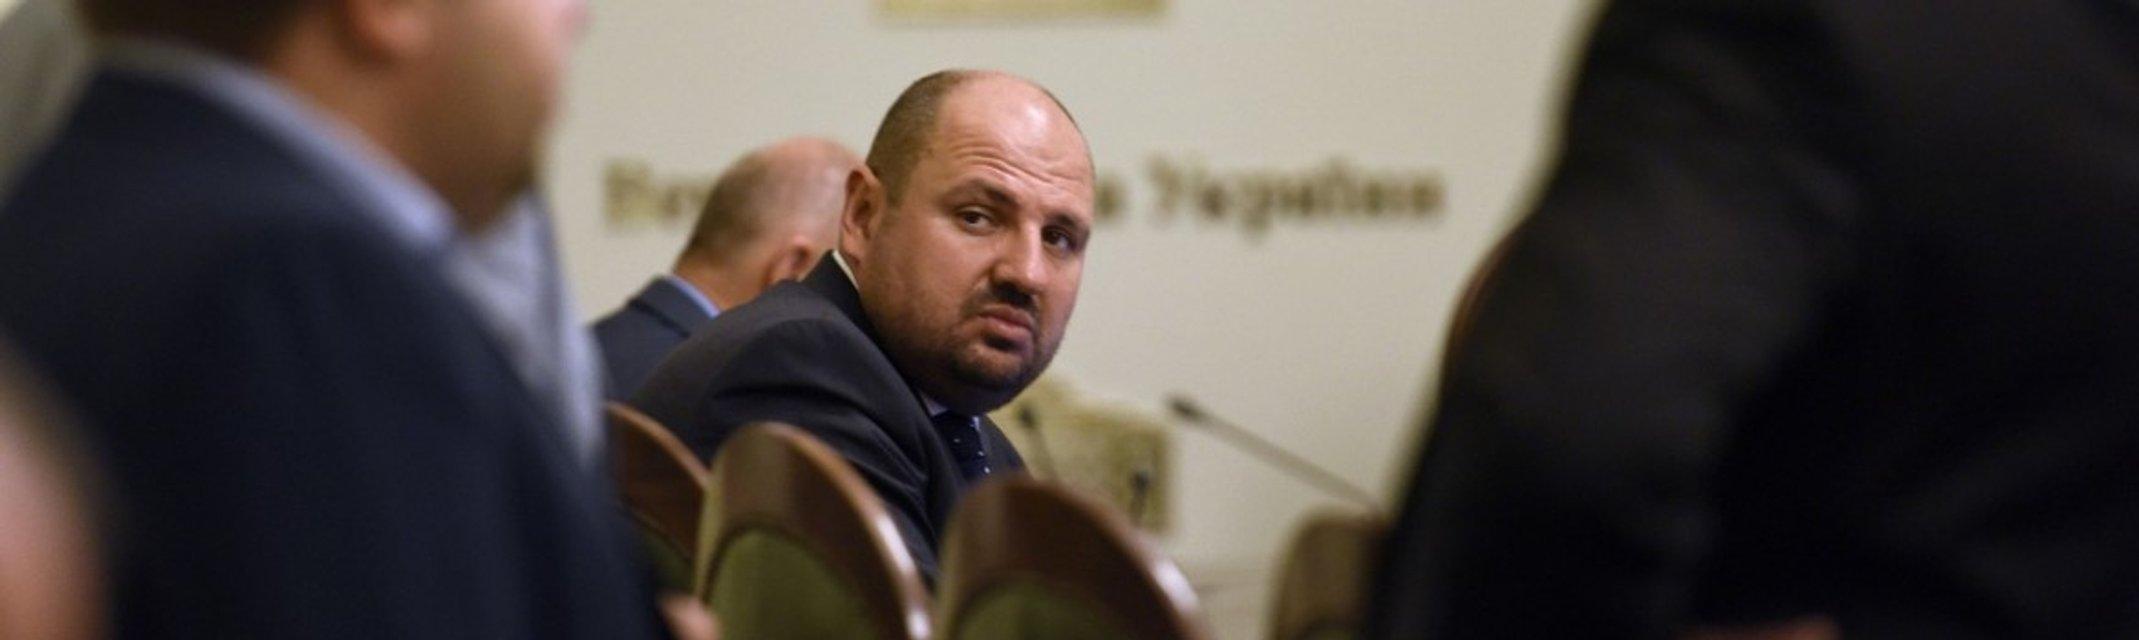 Борислав Розенблат - фото 52657